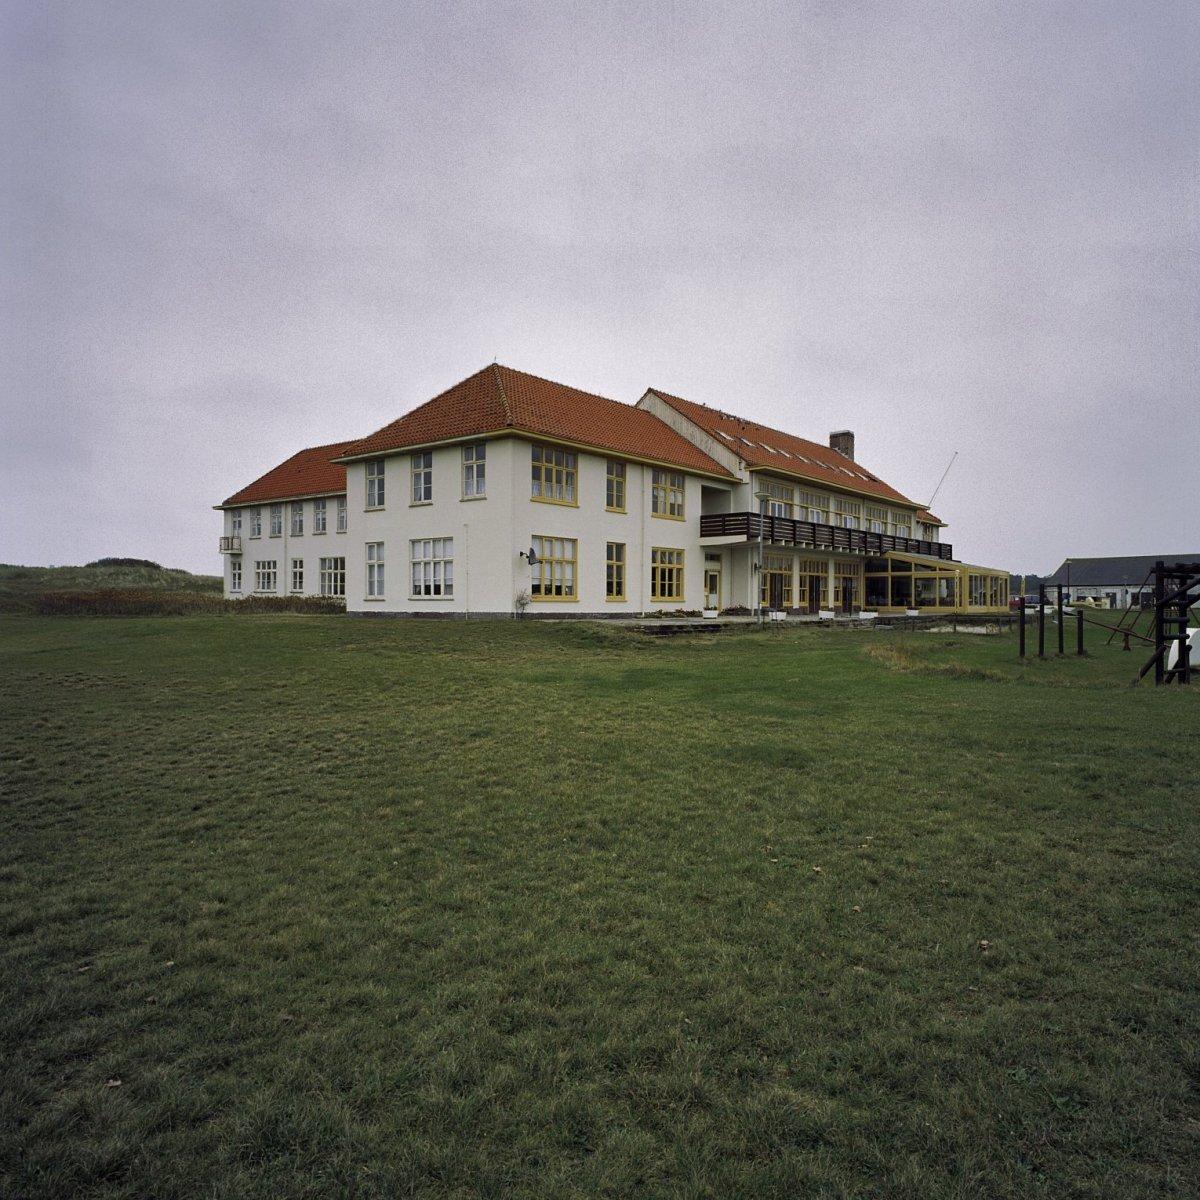 File:Overzicht voormalig koloniehuis, thans een